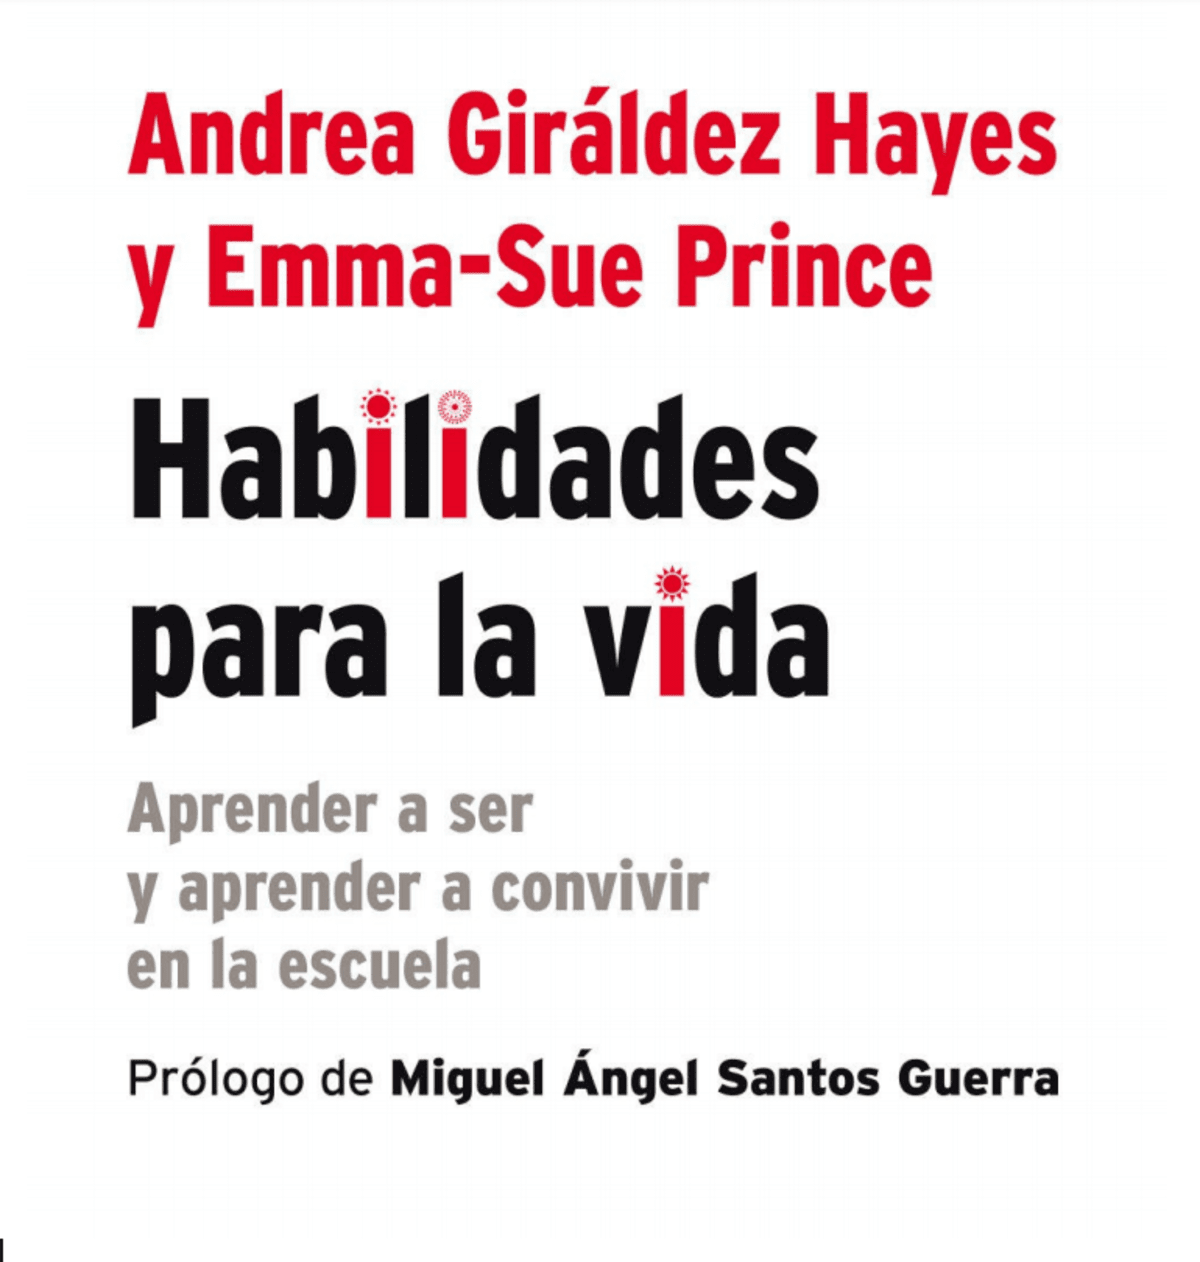 Habilidades para la Vida - Aprender a Ser y Aprender a Convivir en la Escuela - Andrea Giráldez